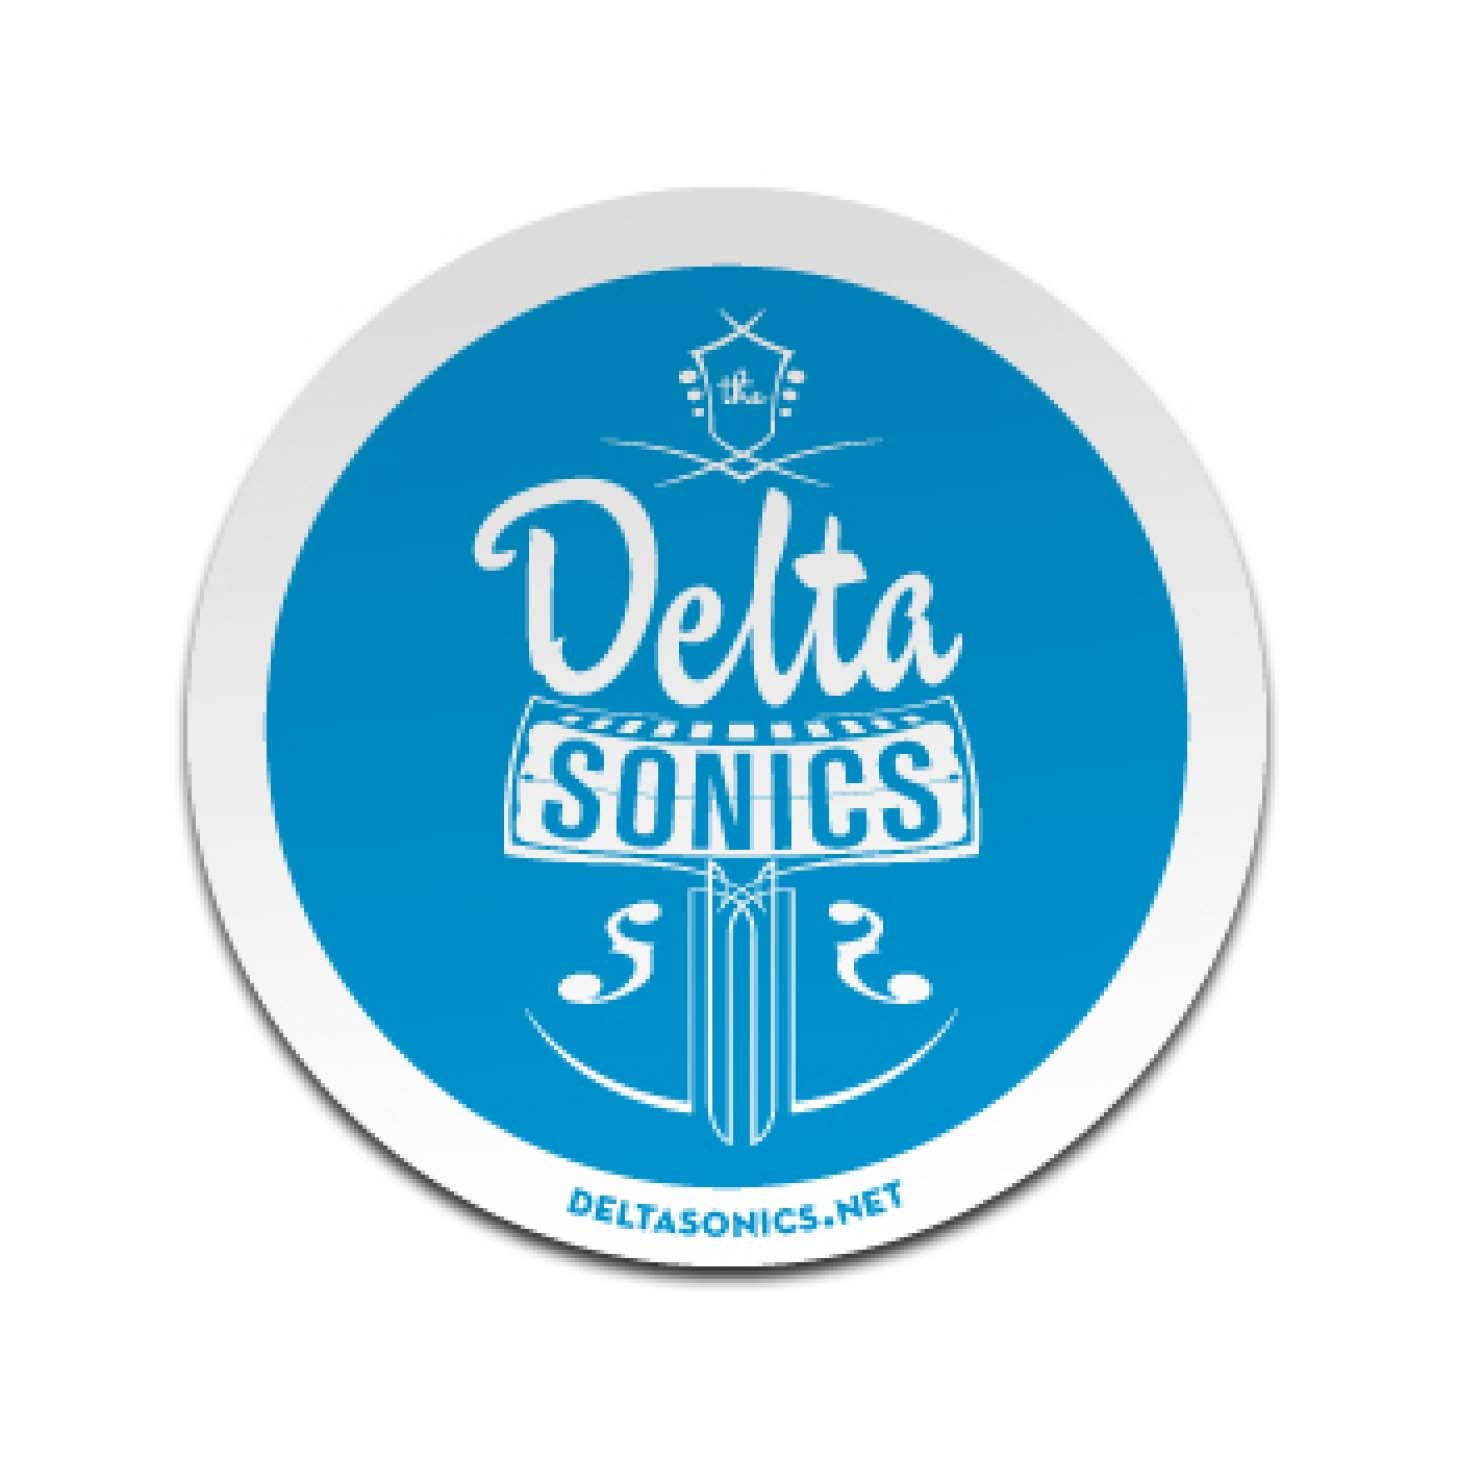 delta sonics-1.jpg